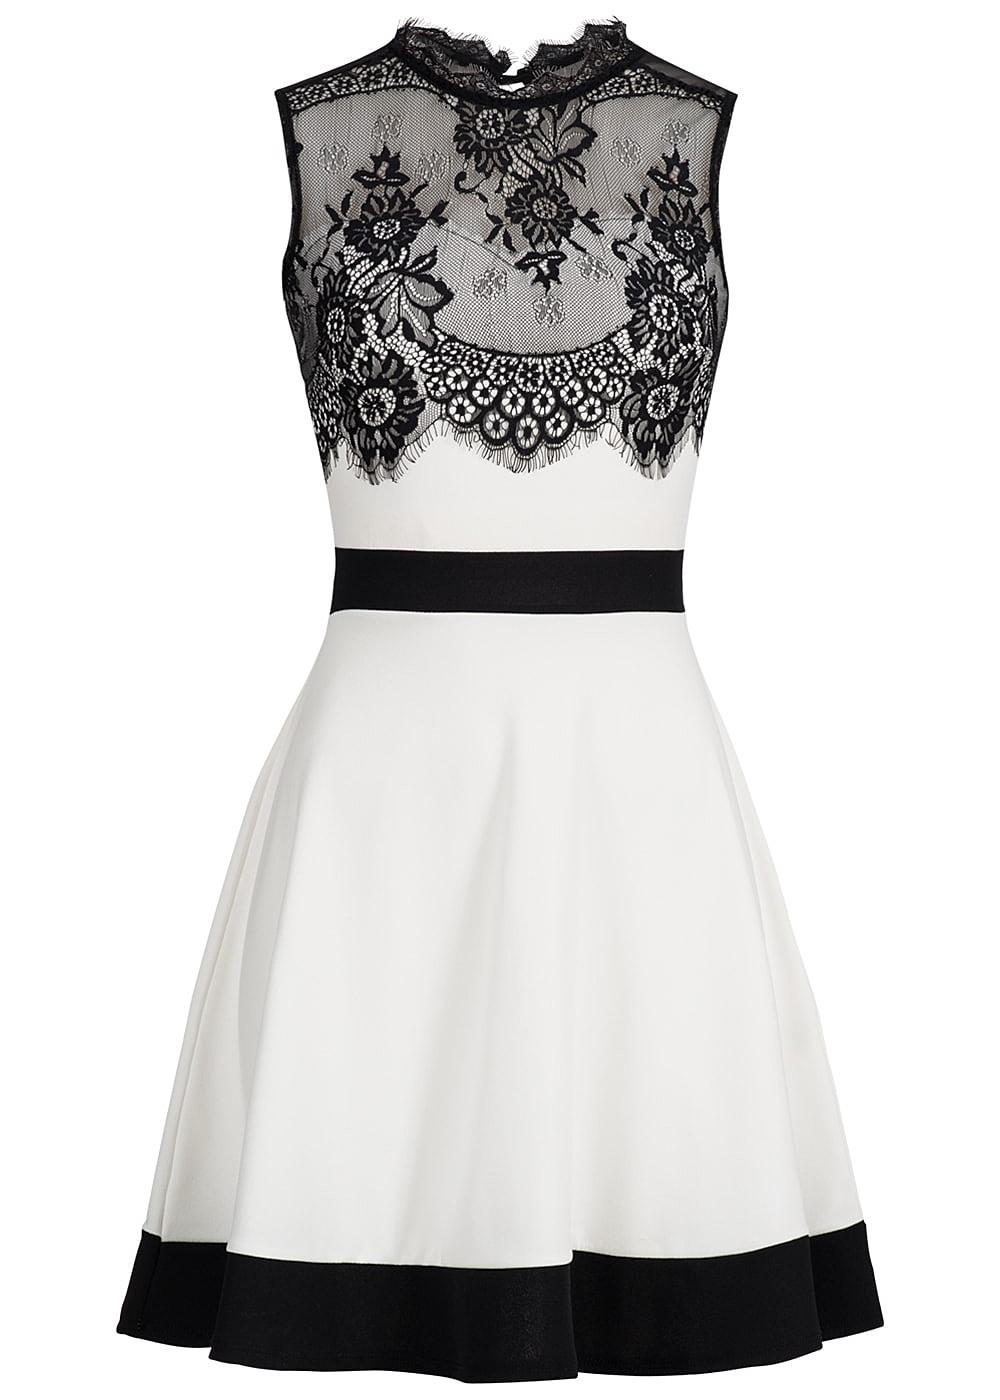 Abend Luxus Damen Kleid Schwarz Weiß Vertrieb10 Elegant Damen Kleid Schwarz Weiß Ärmel